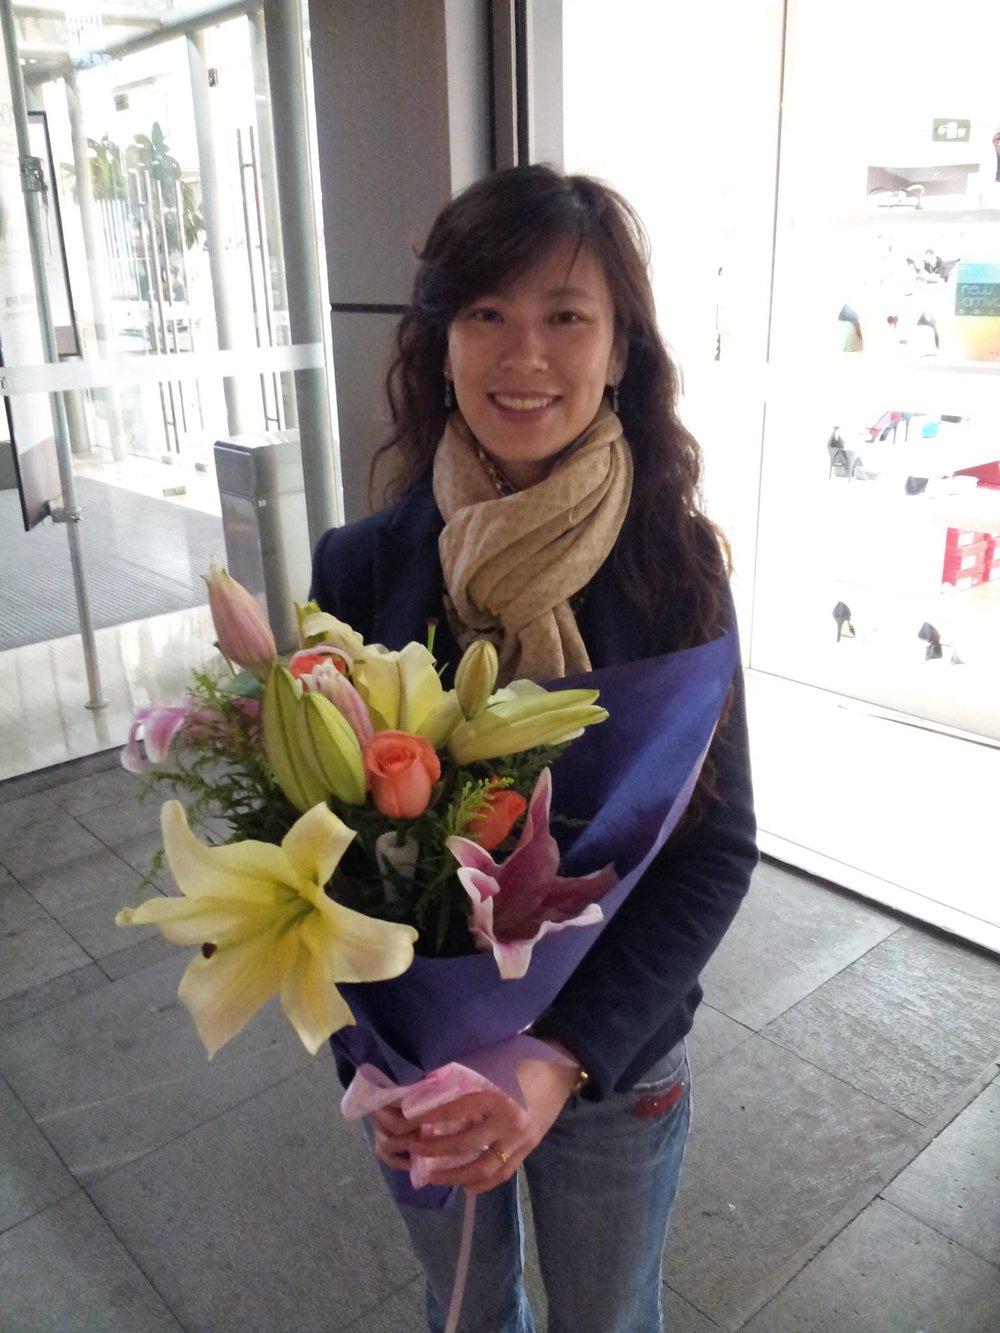 Qian Zhang, Course Co-ordinator